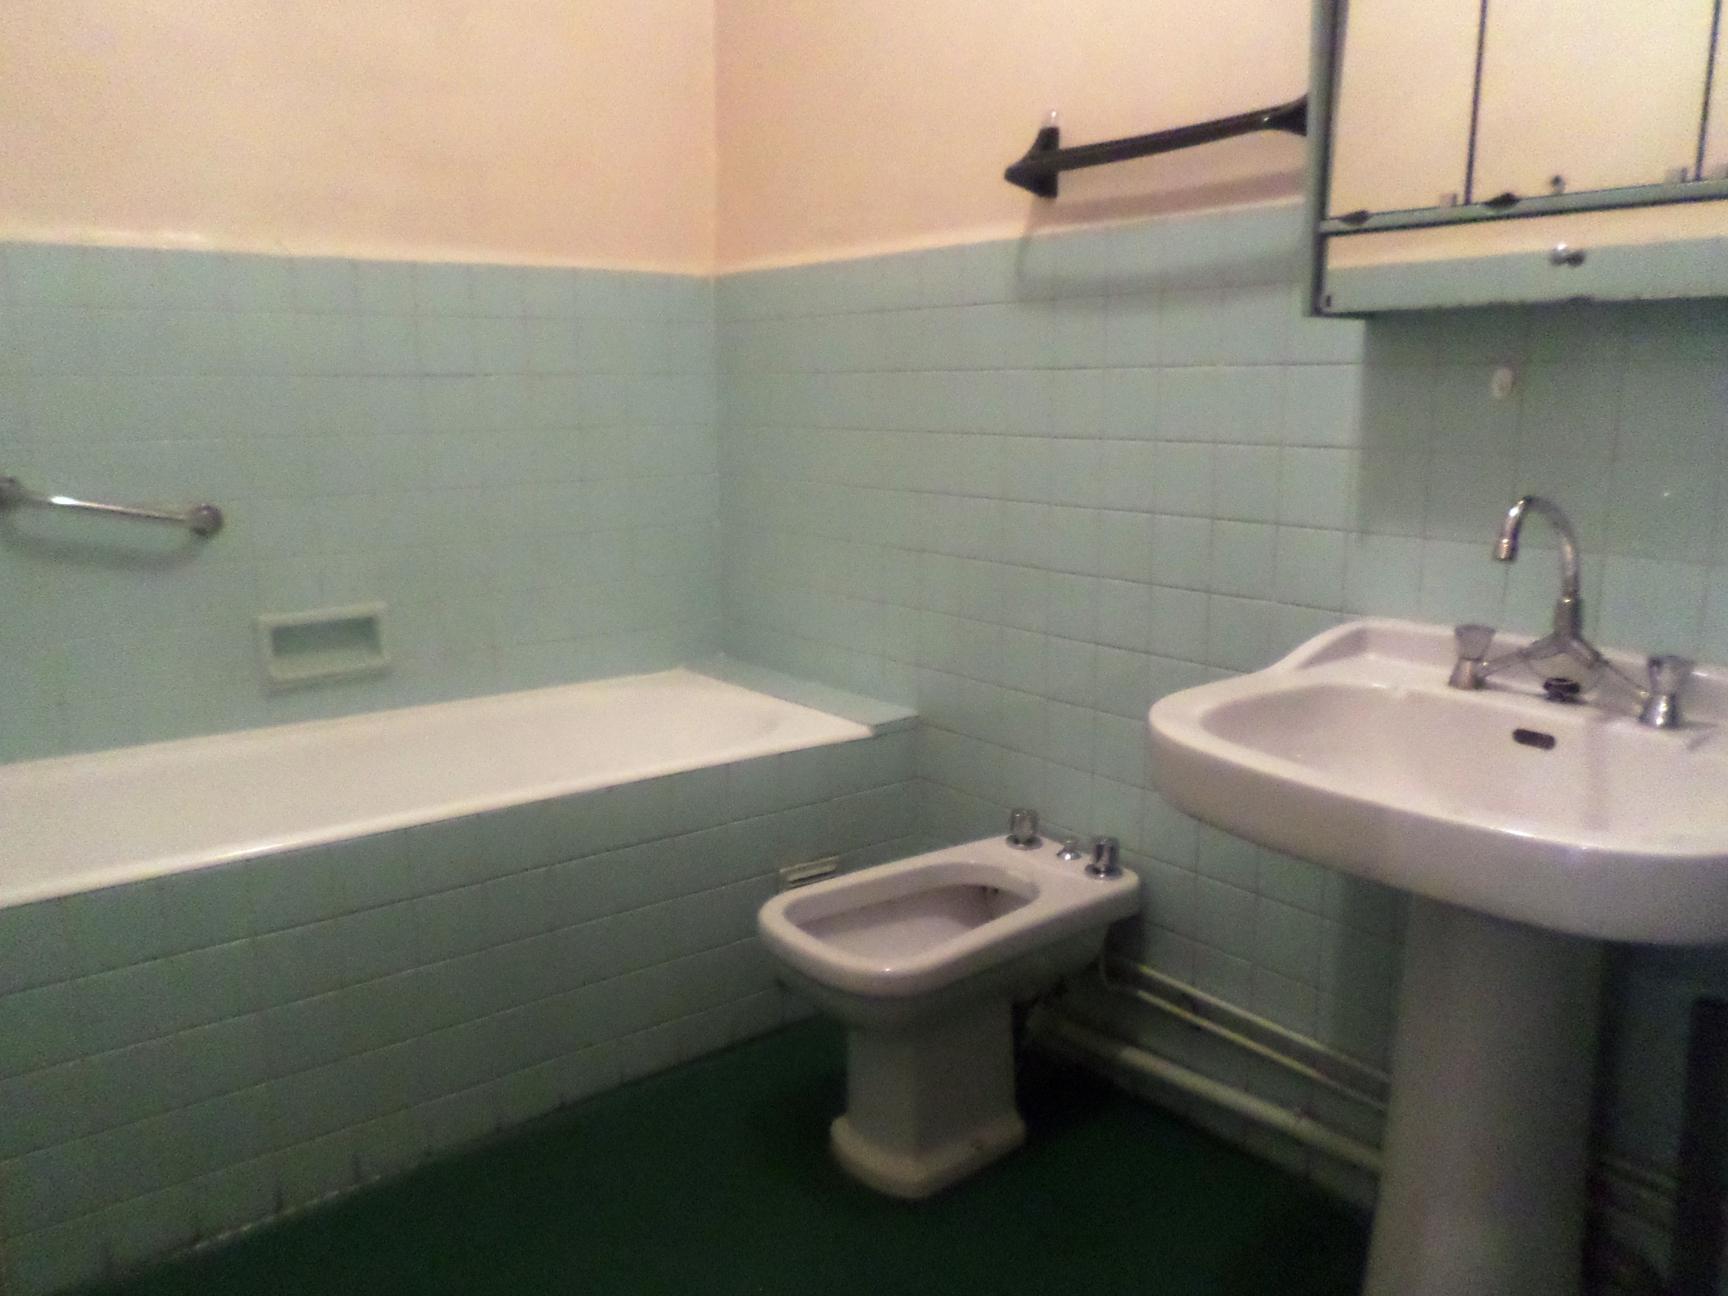 Billon immobilier location rachael edwards - Location studio meuble toulon ...